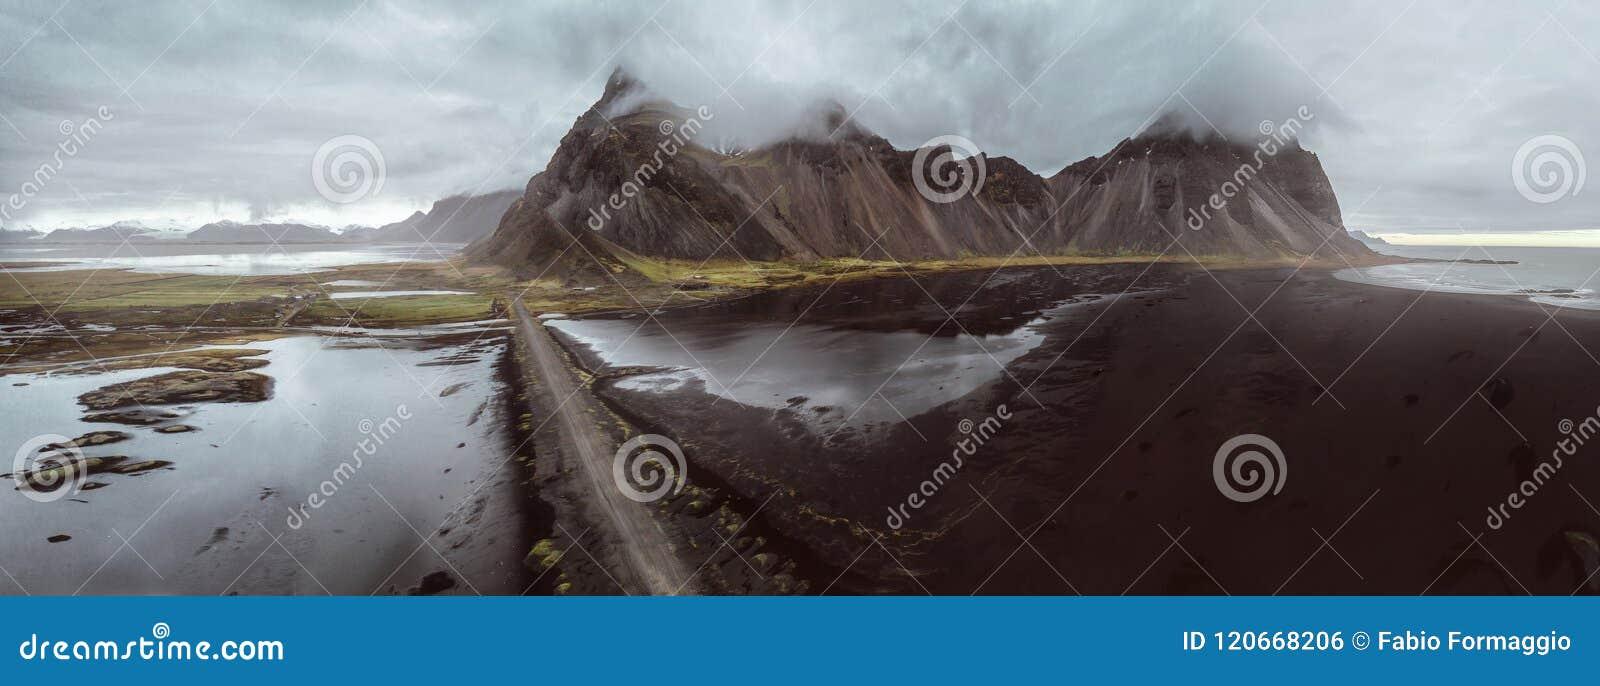 Ισλανδικά panoramas, εναέρια άποψη στα εδάφη